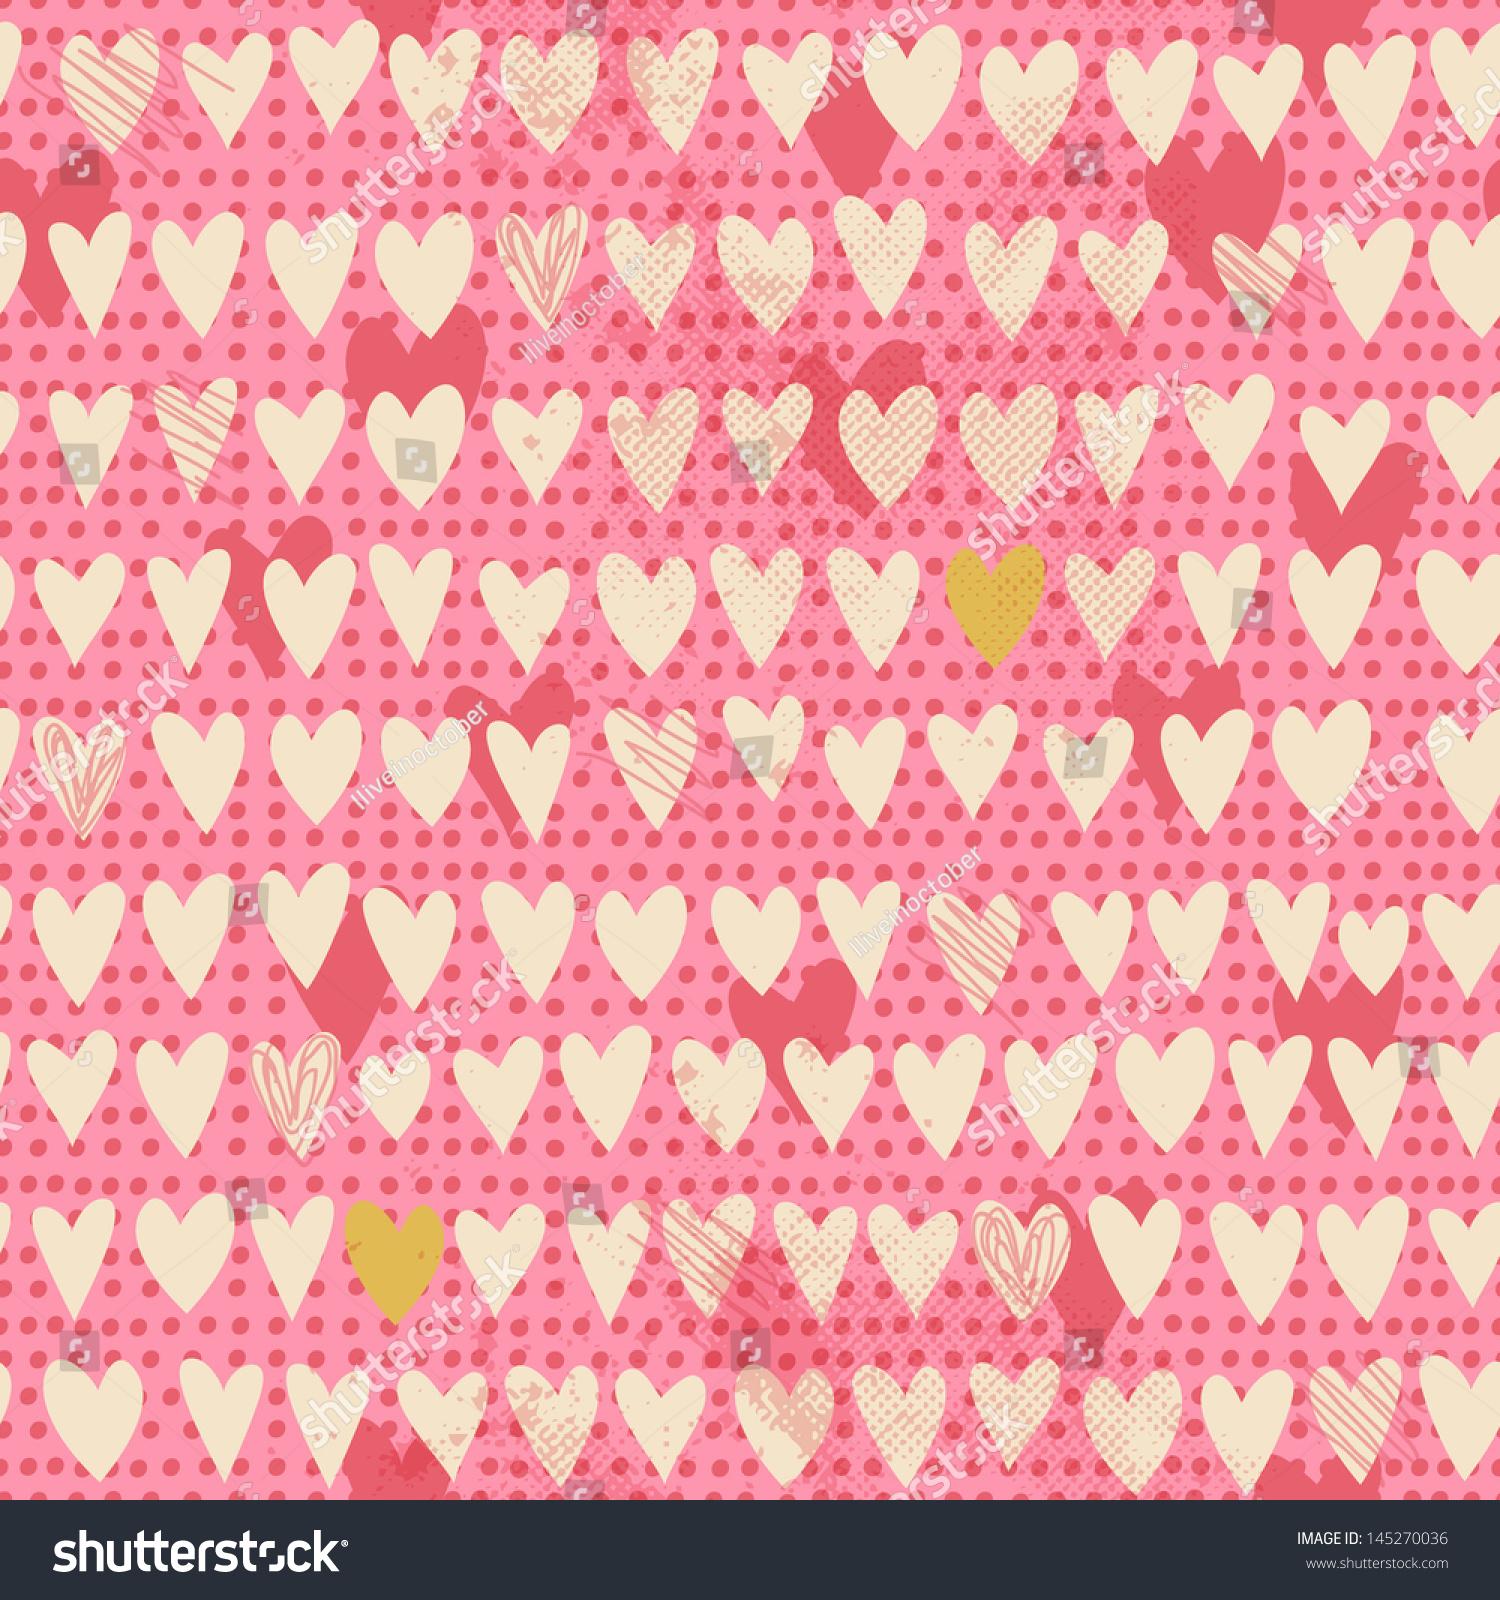 浪漫的无缝模式与小手绘的心。卡通粉红色背景。说明你的纺织品、纸张、文具或皮肤设计。 - 背景/素材,抽象 - 站酷海洛创意正版图片,视频,音乐素材交易平台 - Shutterstock中国独家合作伙伴 - 站酷旗下品牌